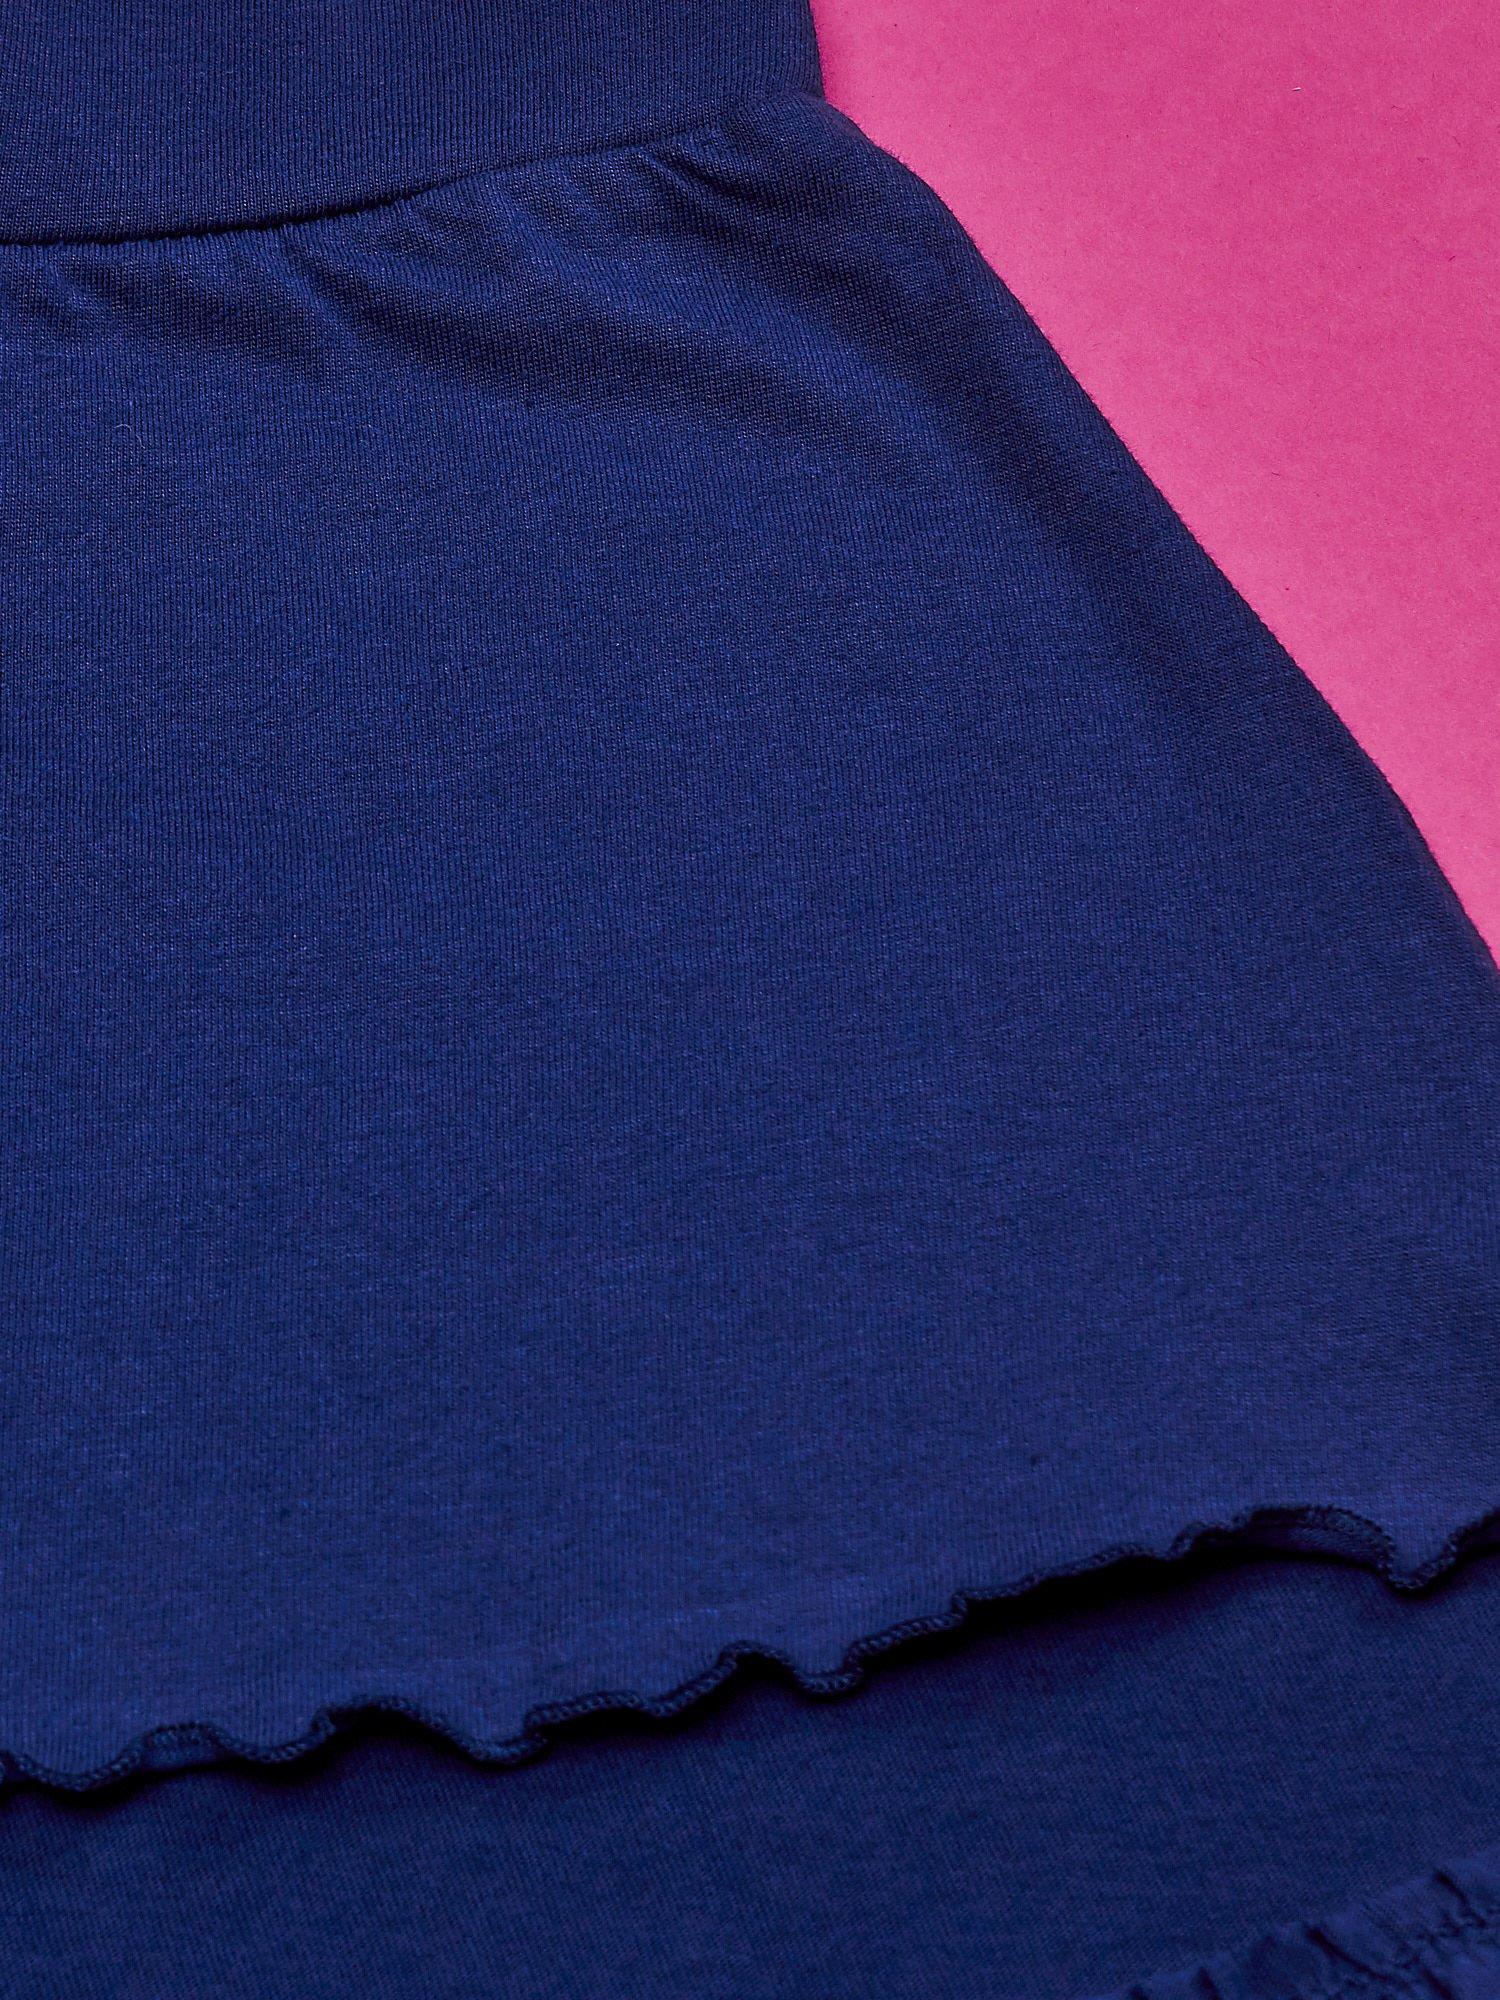 Granatowa spódnica dla dziewczynki MINNIE MOUSE                                  zdj.                                  4